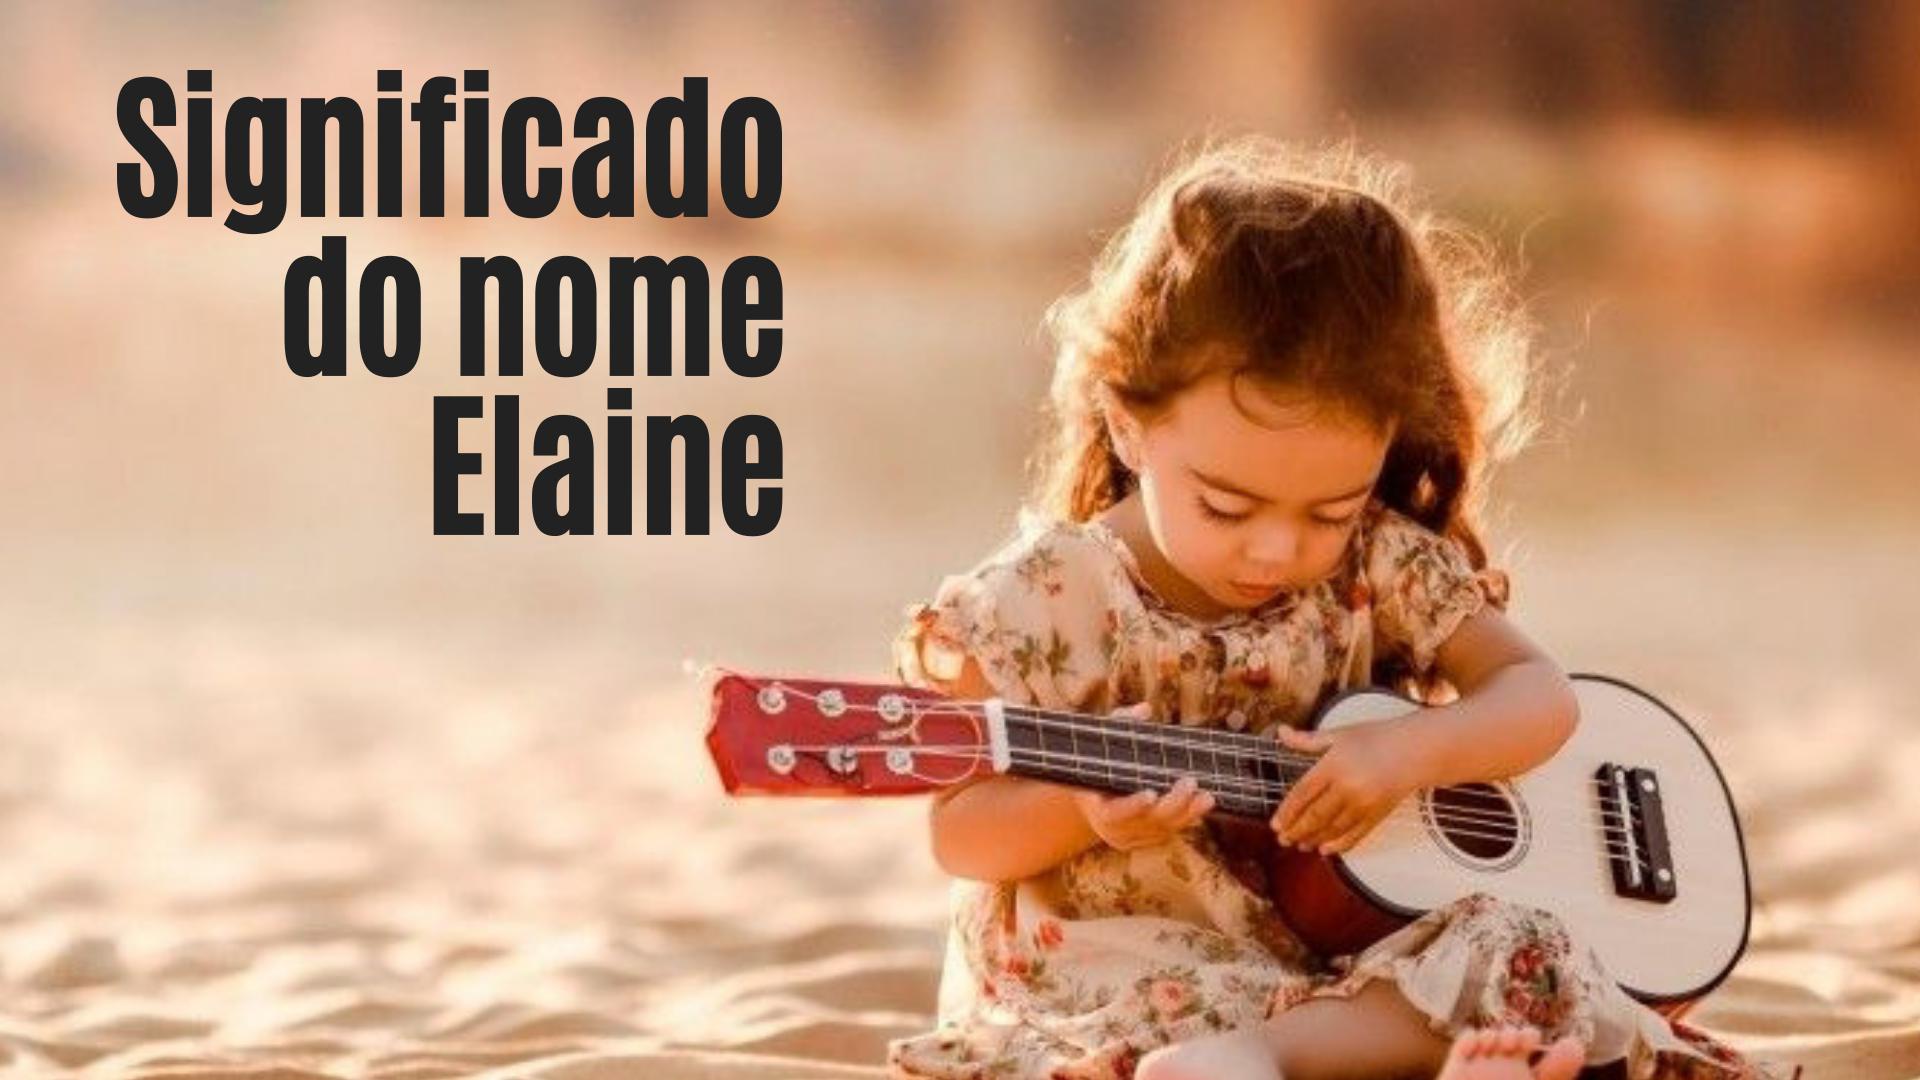 foto escrita significado do nome Elaine